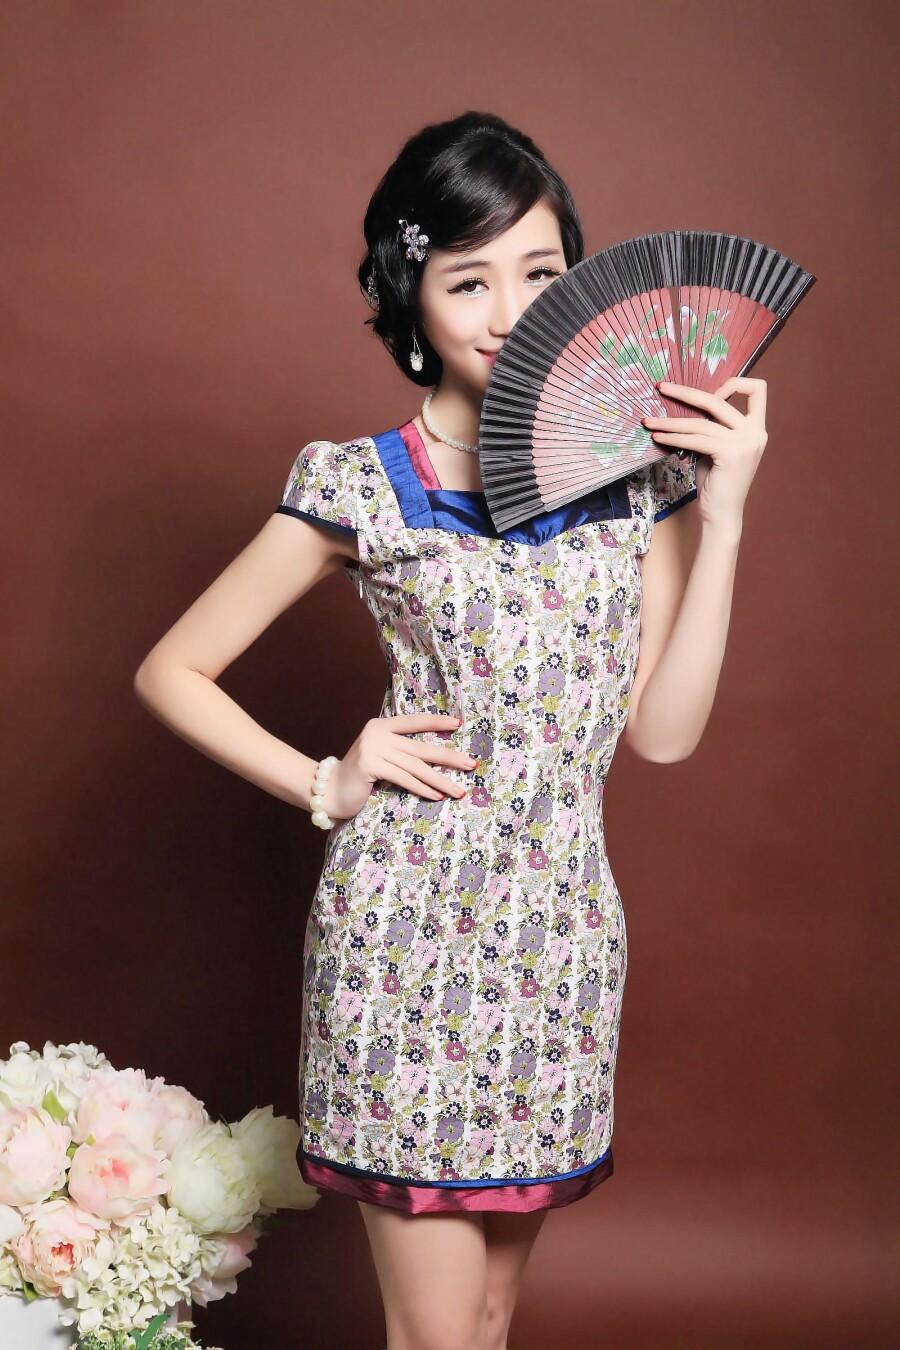 时尚性感优雅标致美女 - 芳芷香惠 - 芳芷香蕙欢迎你